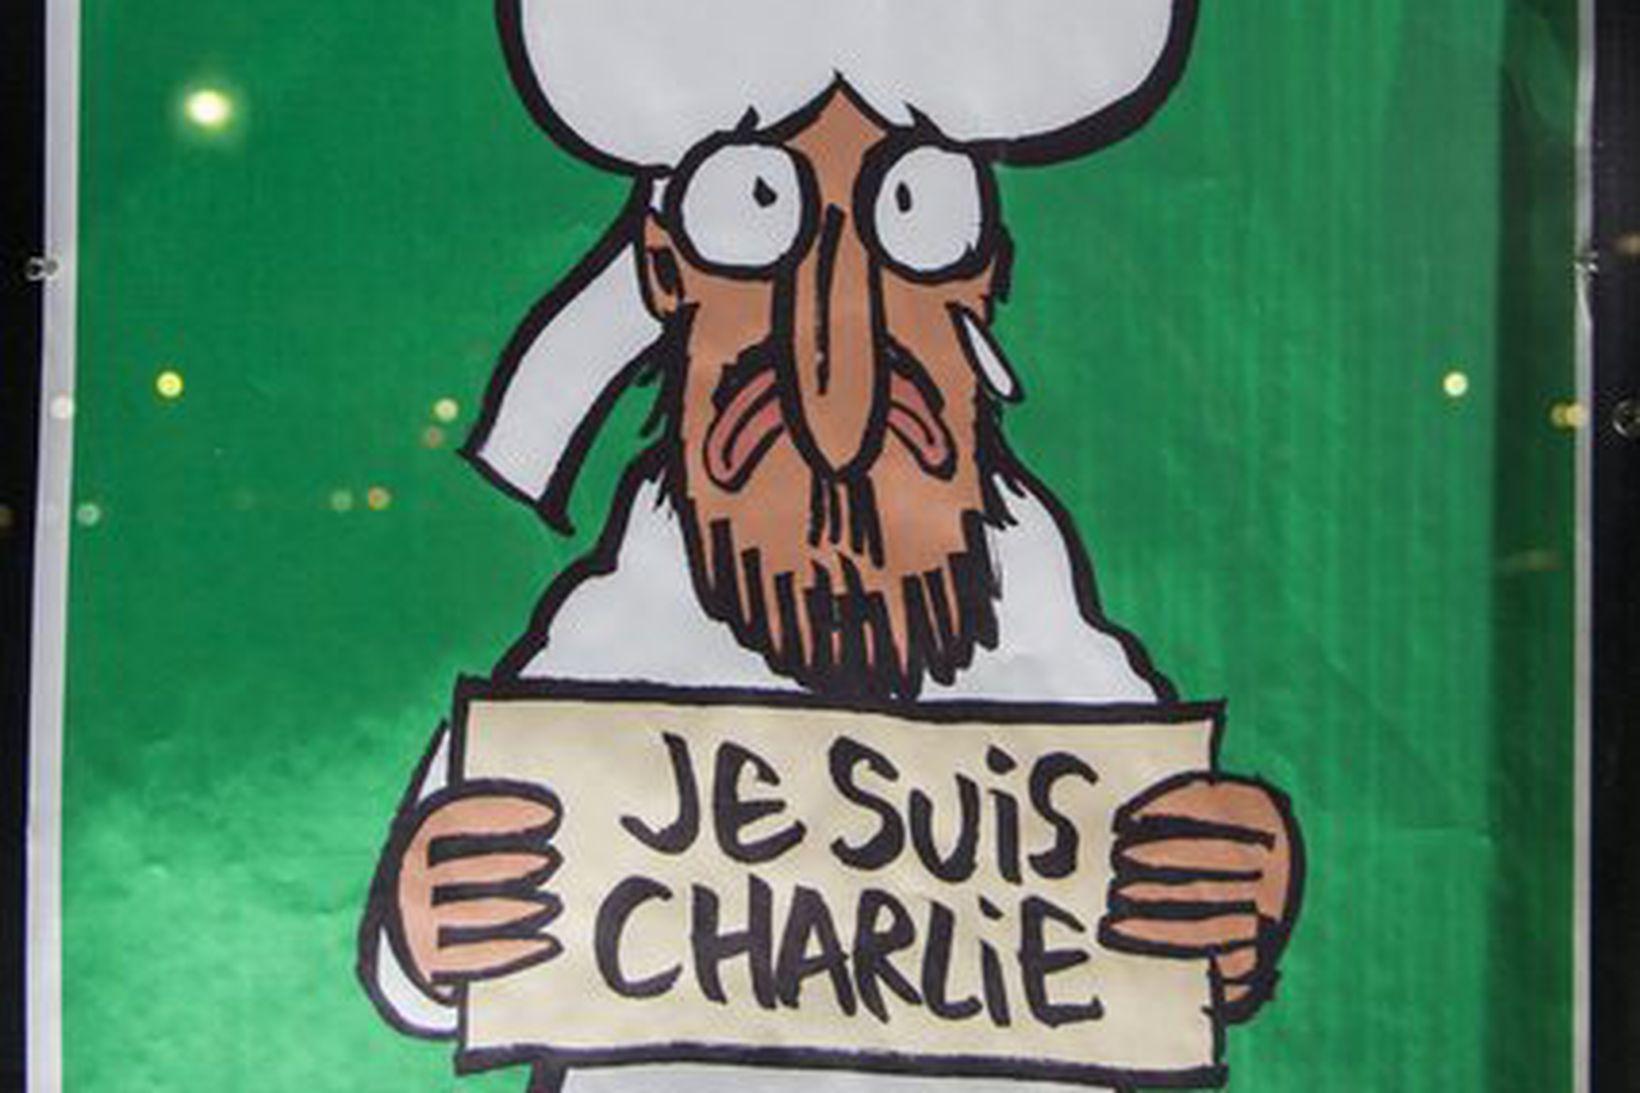 Forsíða Charlie Hebdo eftir árásina á ritstjórnarskrifstofur skopmyndablaðsins.